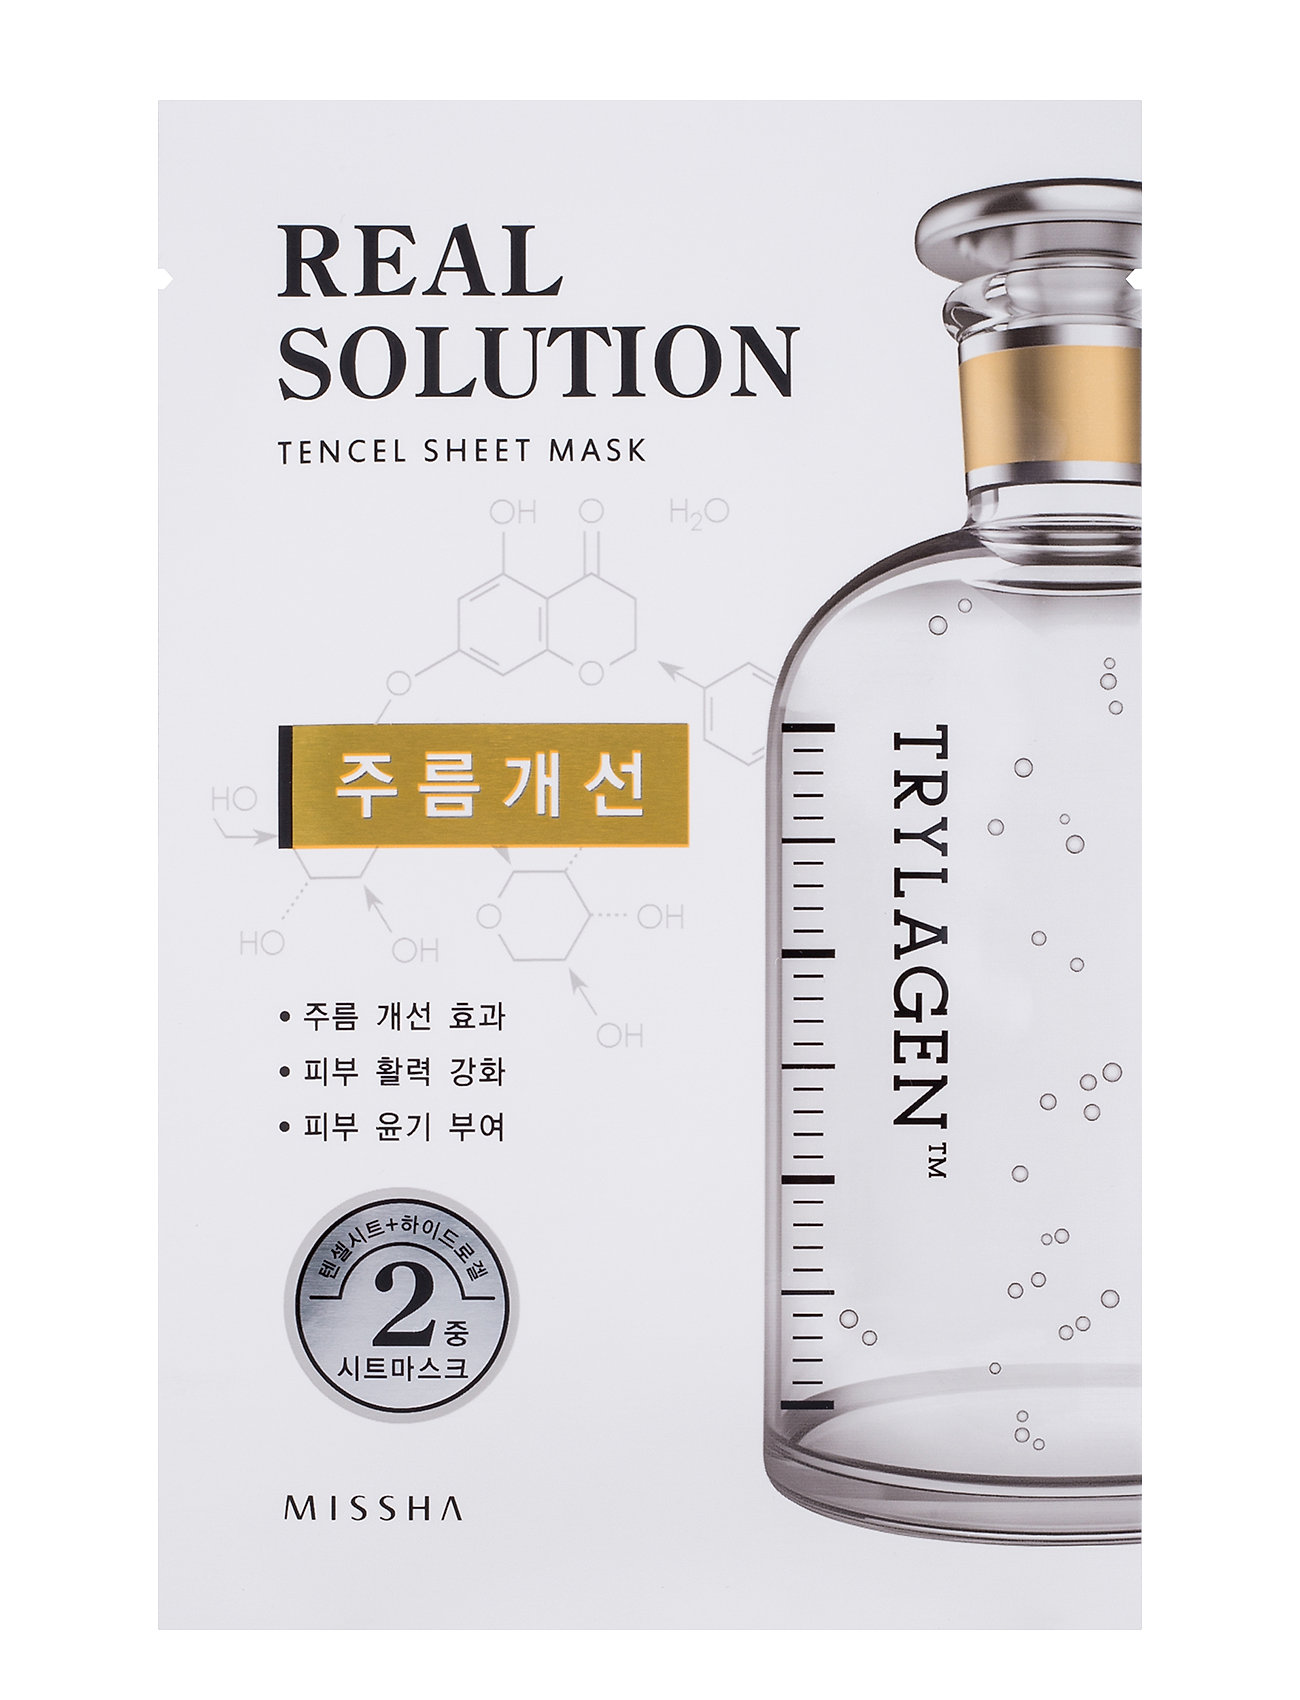 Missha Real Solution Tencel Sheet Mask (Wrinkle Caring) - Missha